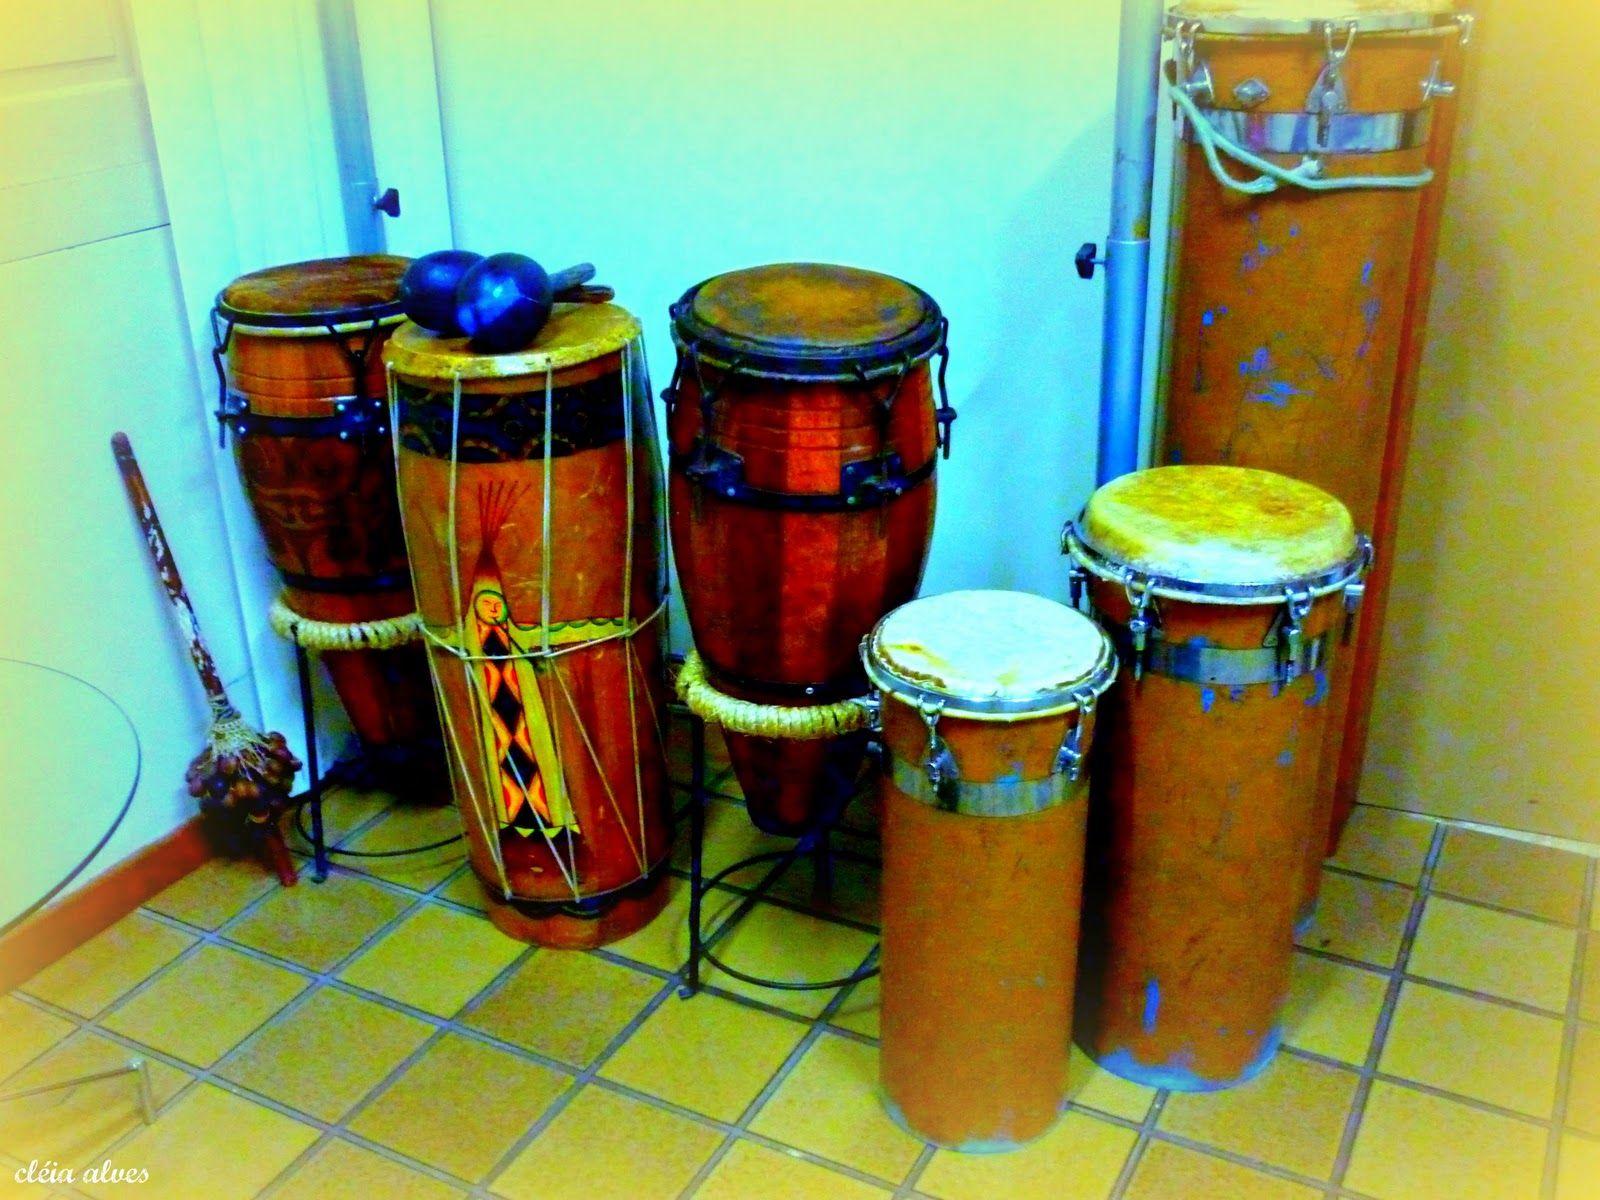 Tambor de crioula, dança, cultura afro brasileira, Maranhão, instrumentos